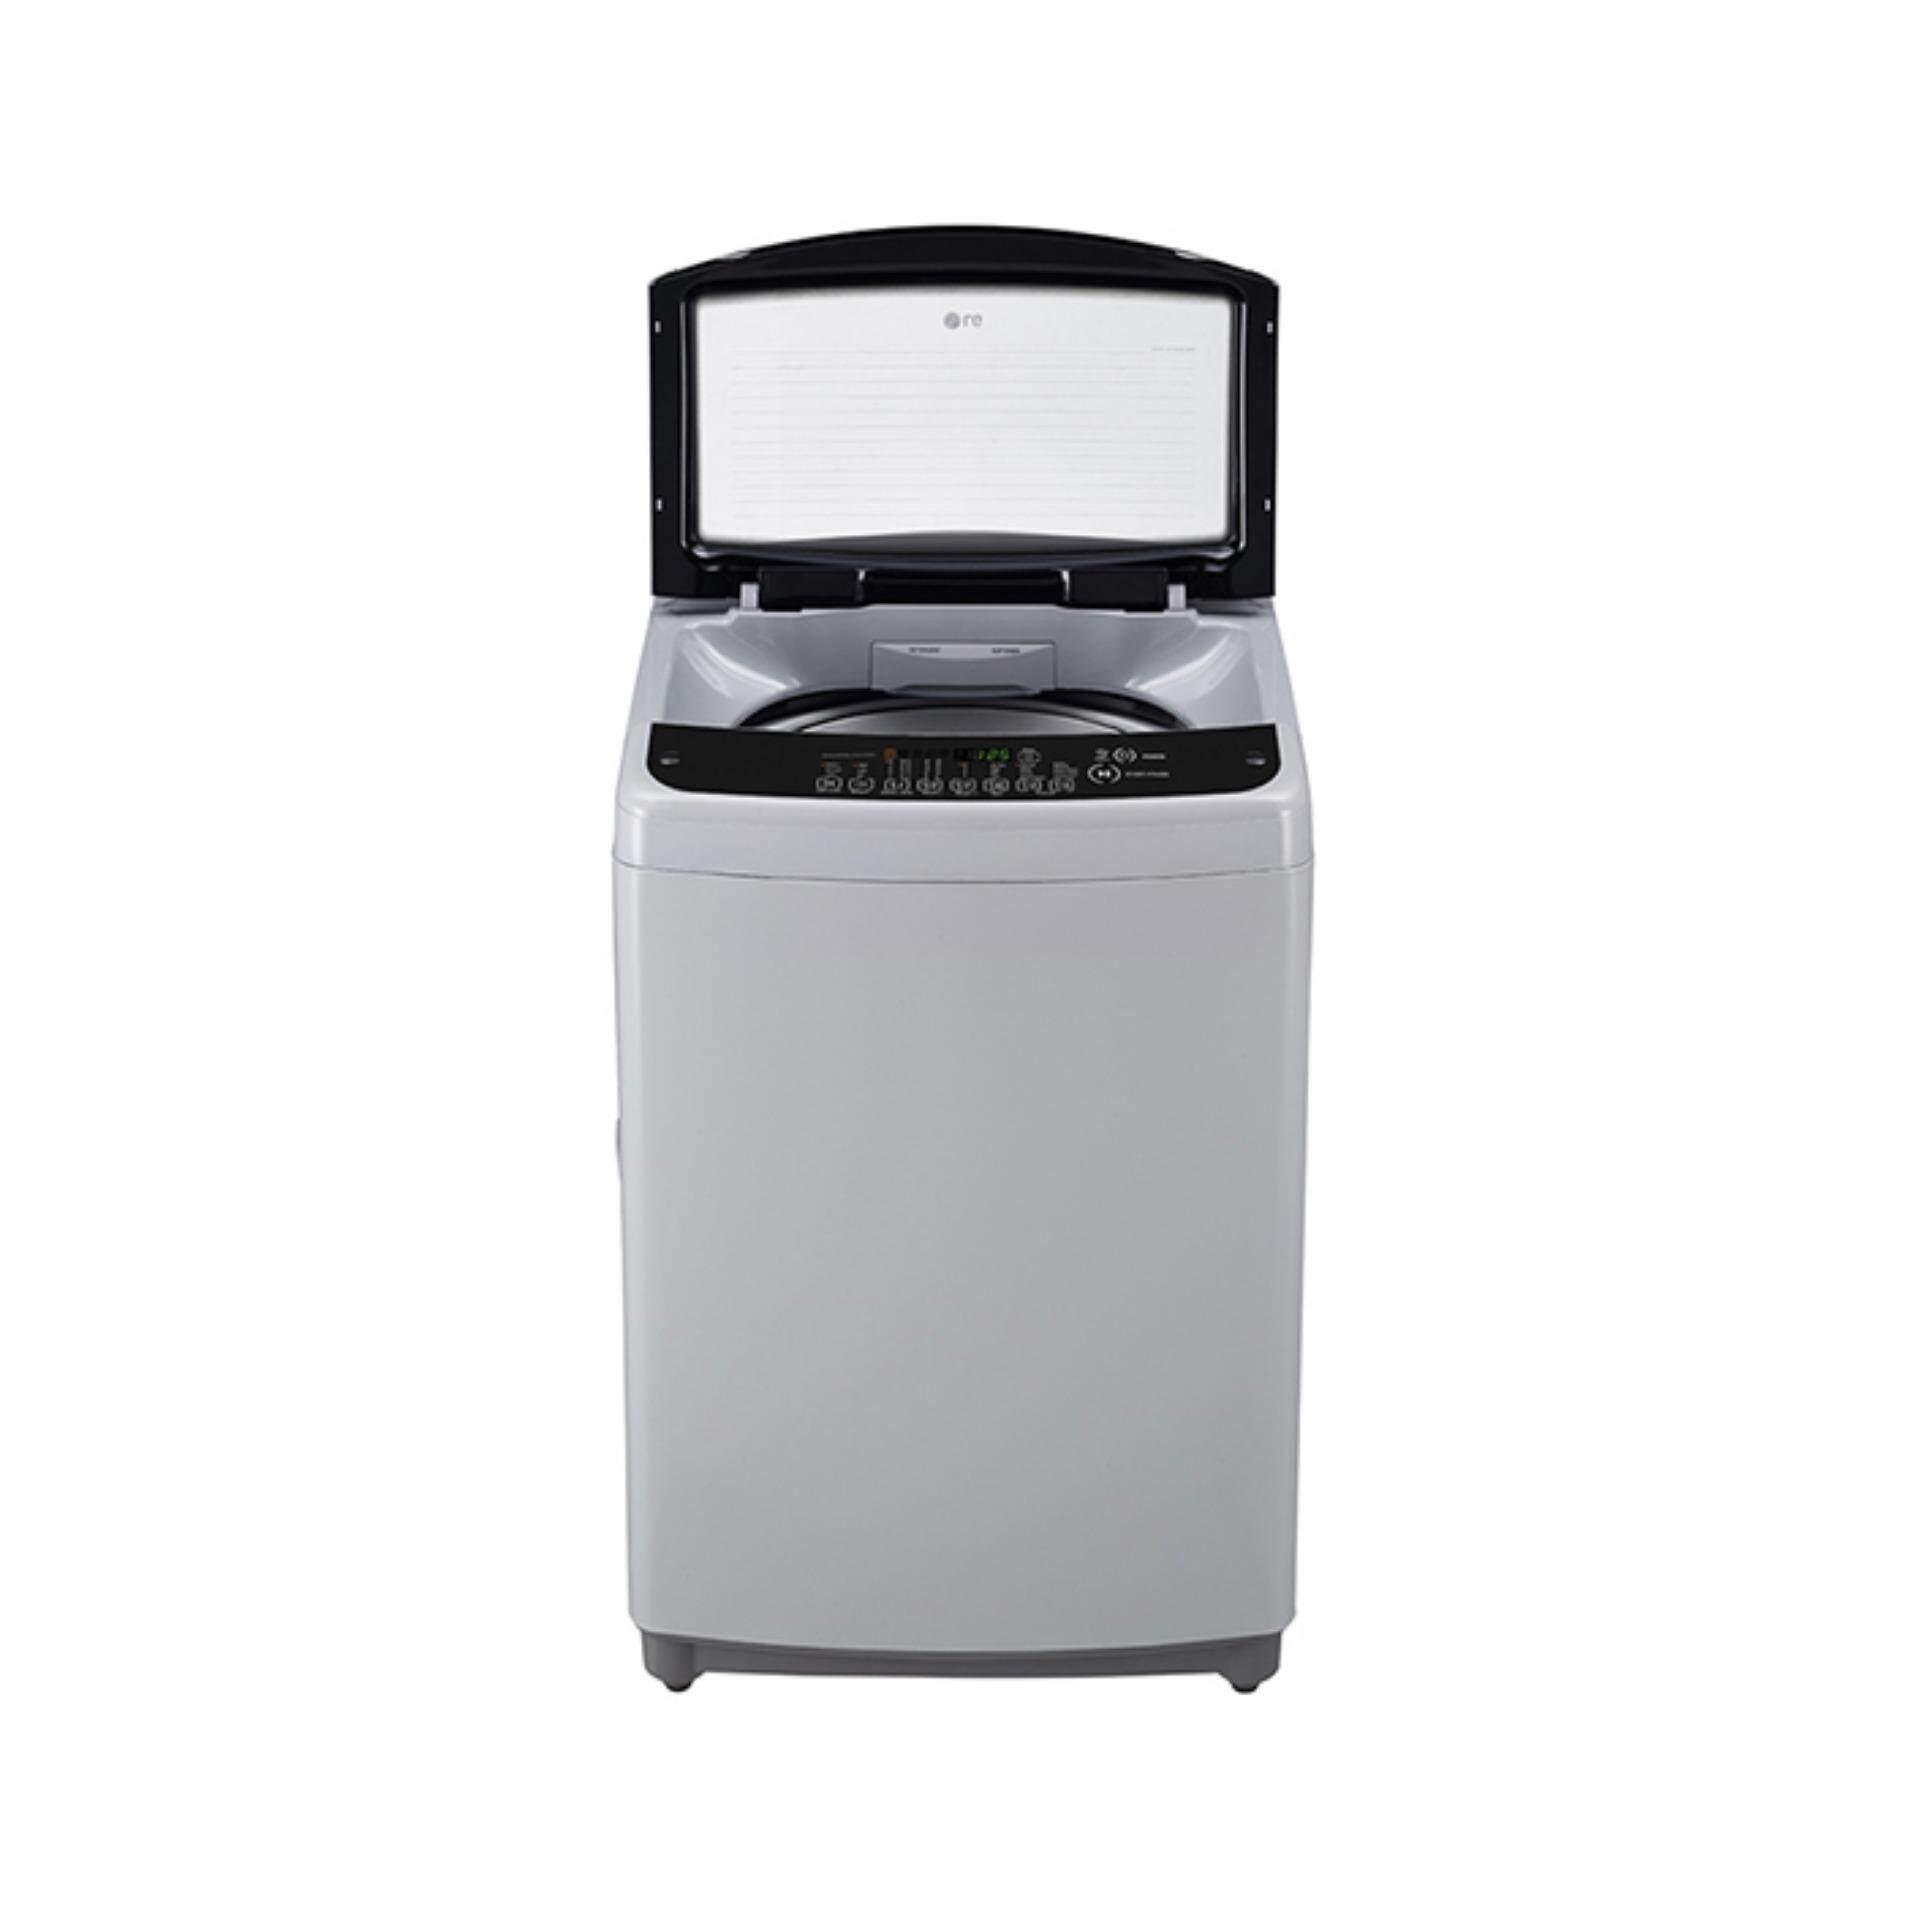 ลดส่งท้ายปี เครื่องซักผ้า Konion ลดโปรโมชั่น -26% Konion เครื่องซักผ้ามินิ รุ่น XPA75-11P เก็บเงินปลายทาง ส่งฟรี